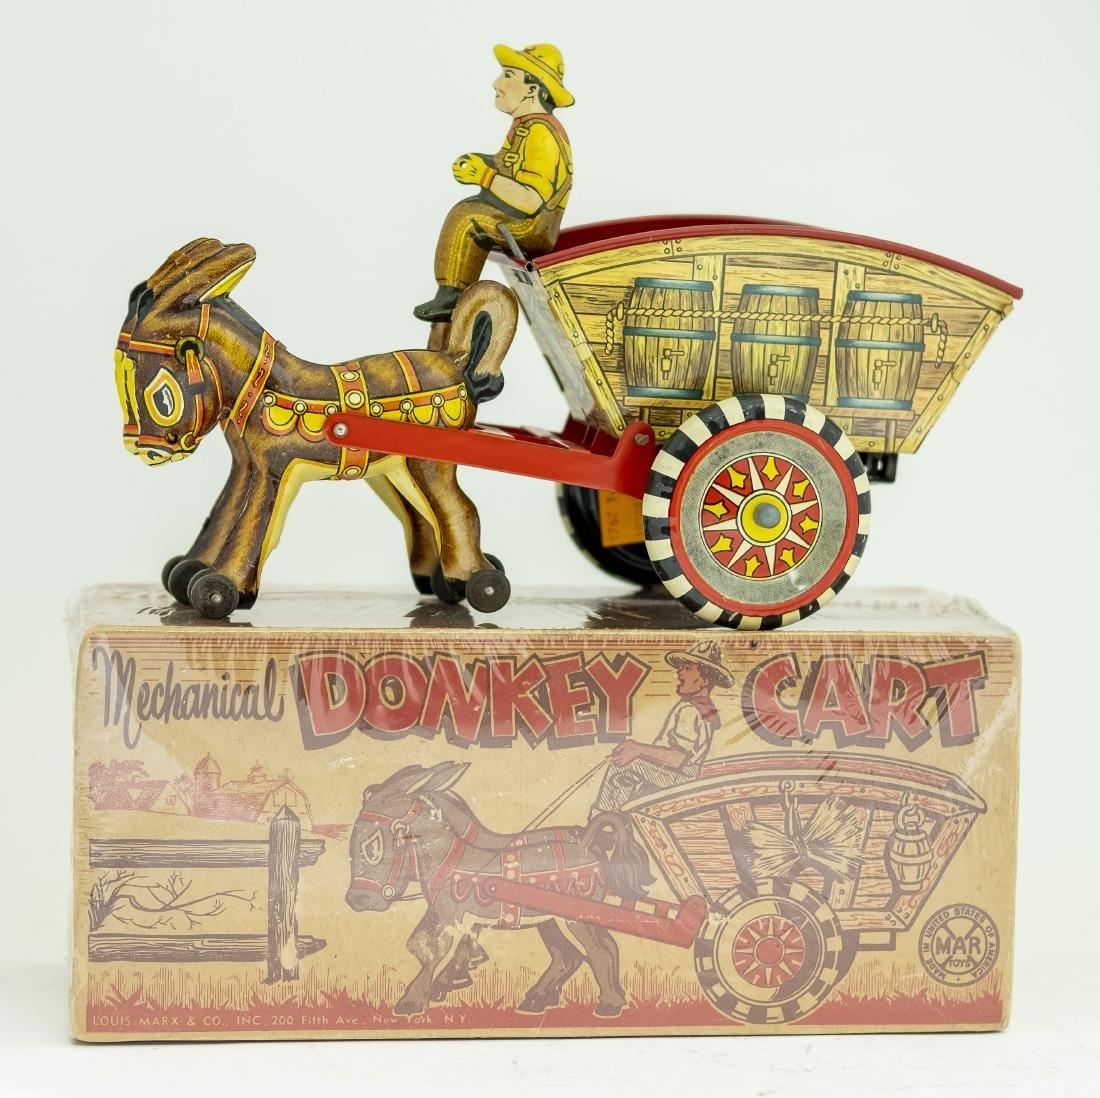 Boxed Marx Mechanical Donkey Cart Windup Toy